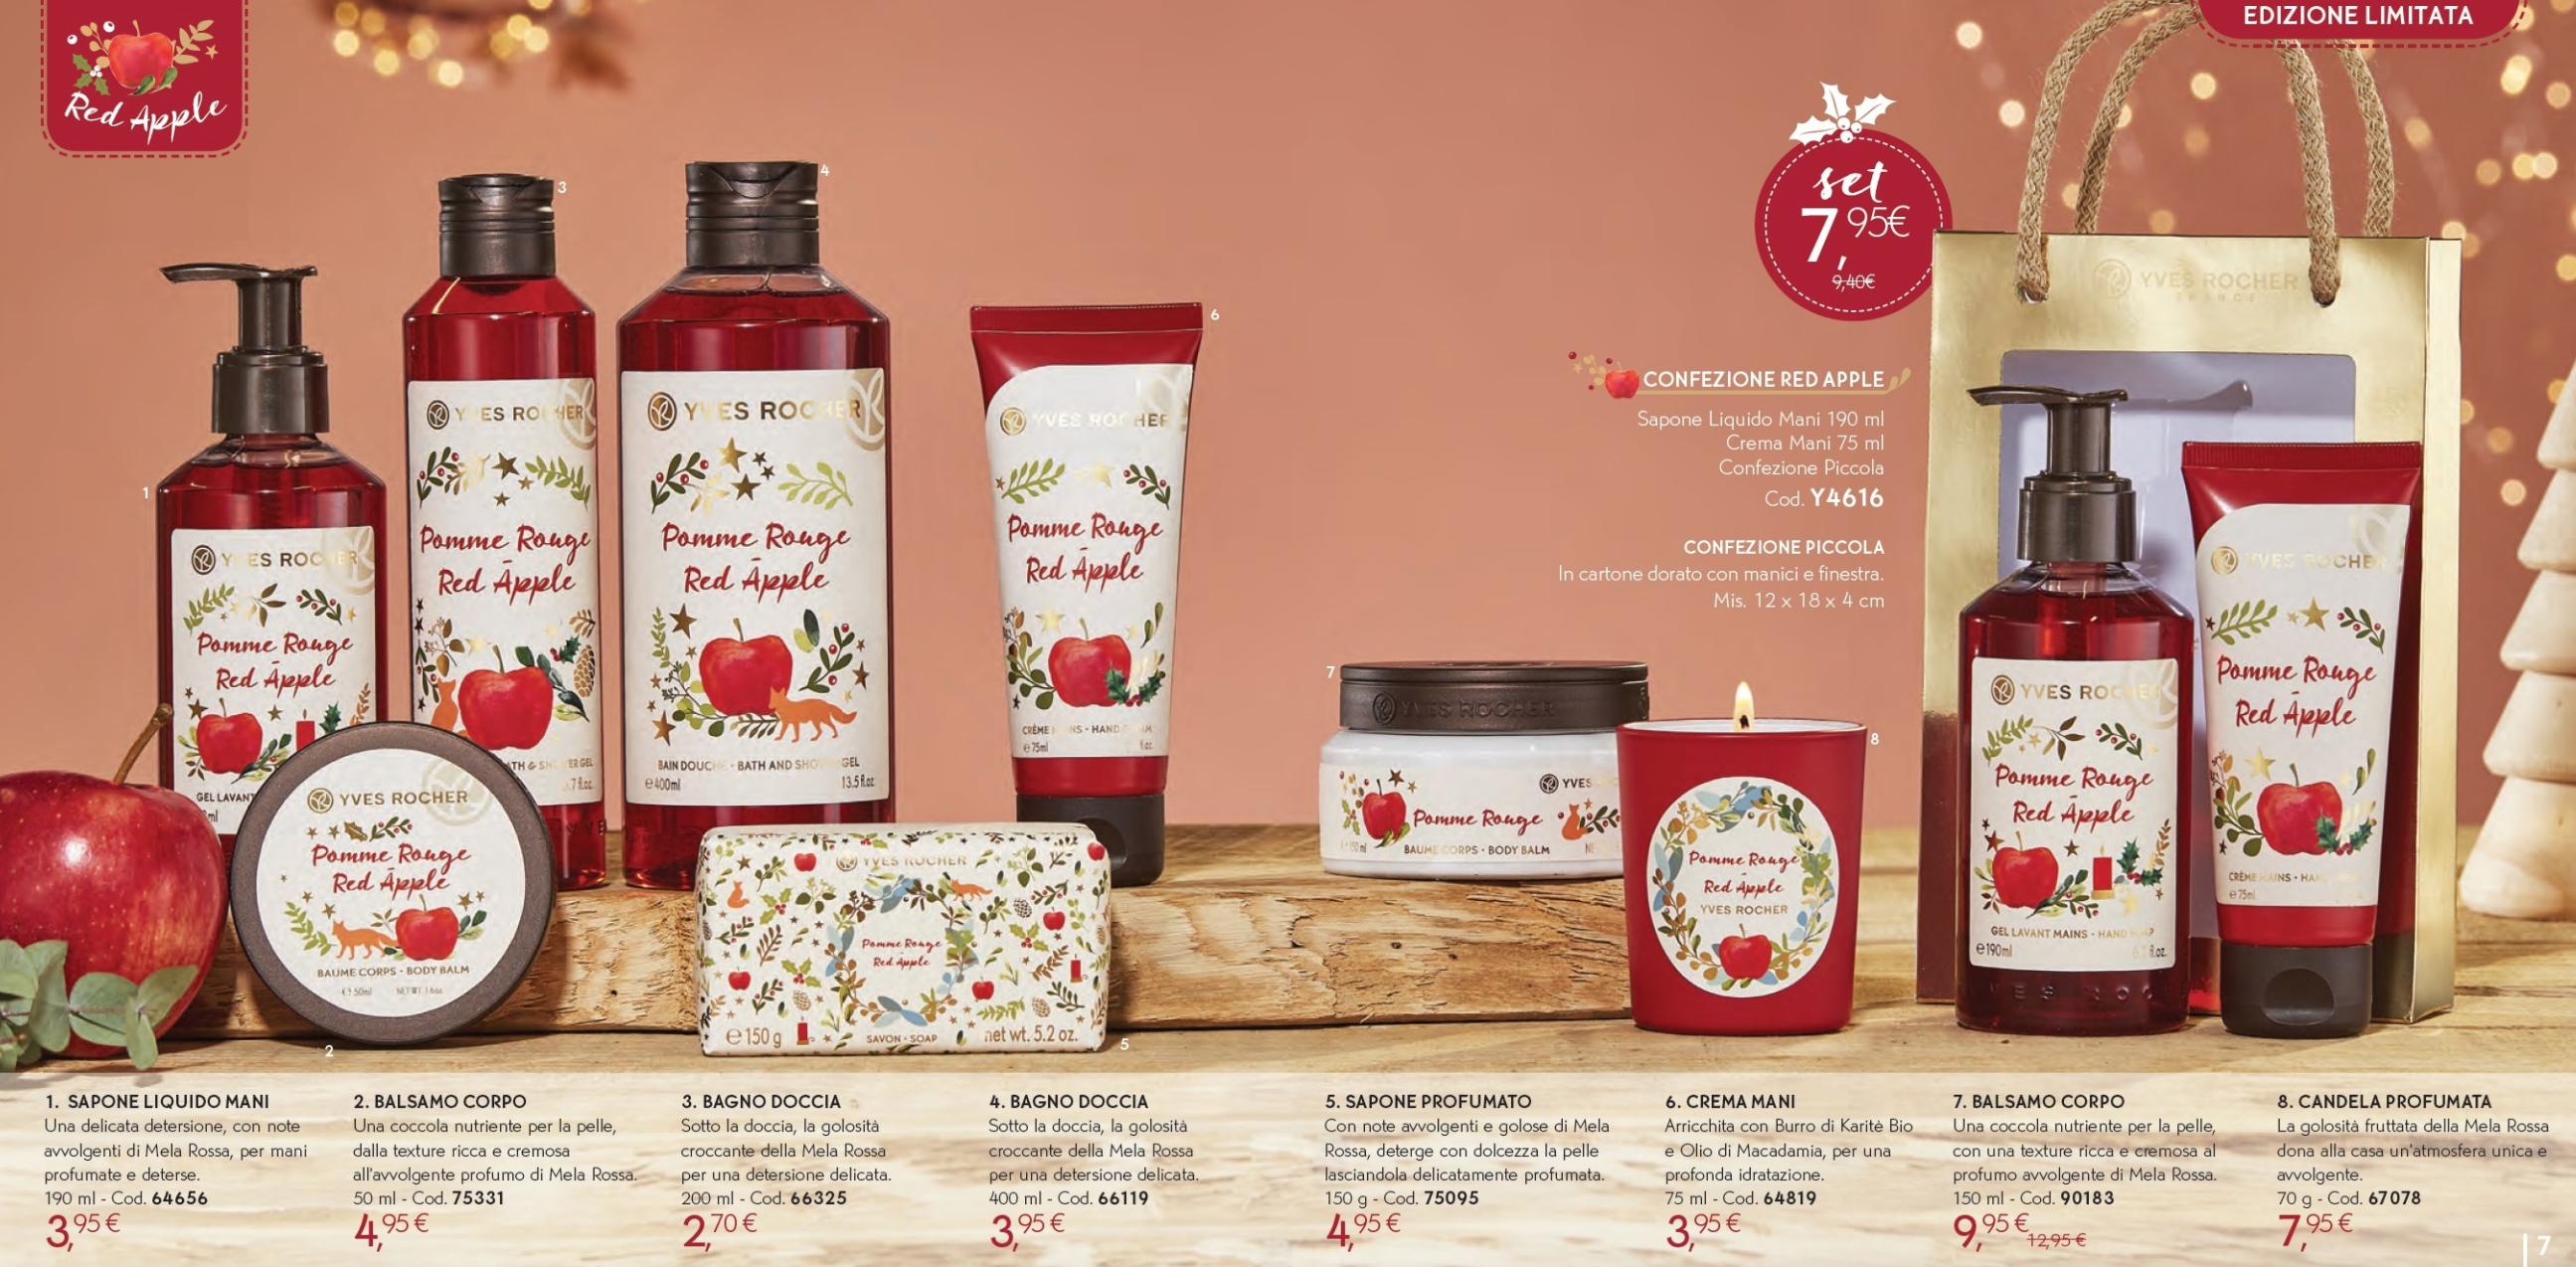 Il Natale Yves Rocher - Idee regalo, cofanetti, info, review, recensione, prezzo, cestini - Red Apple 2